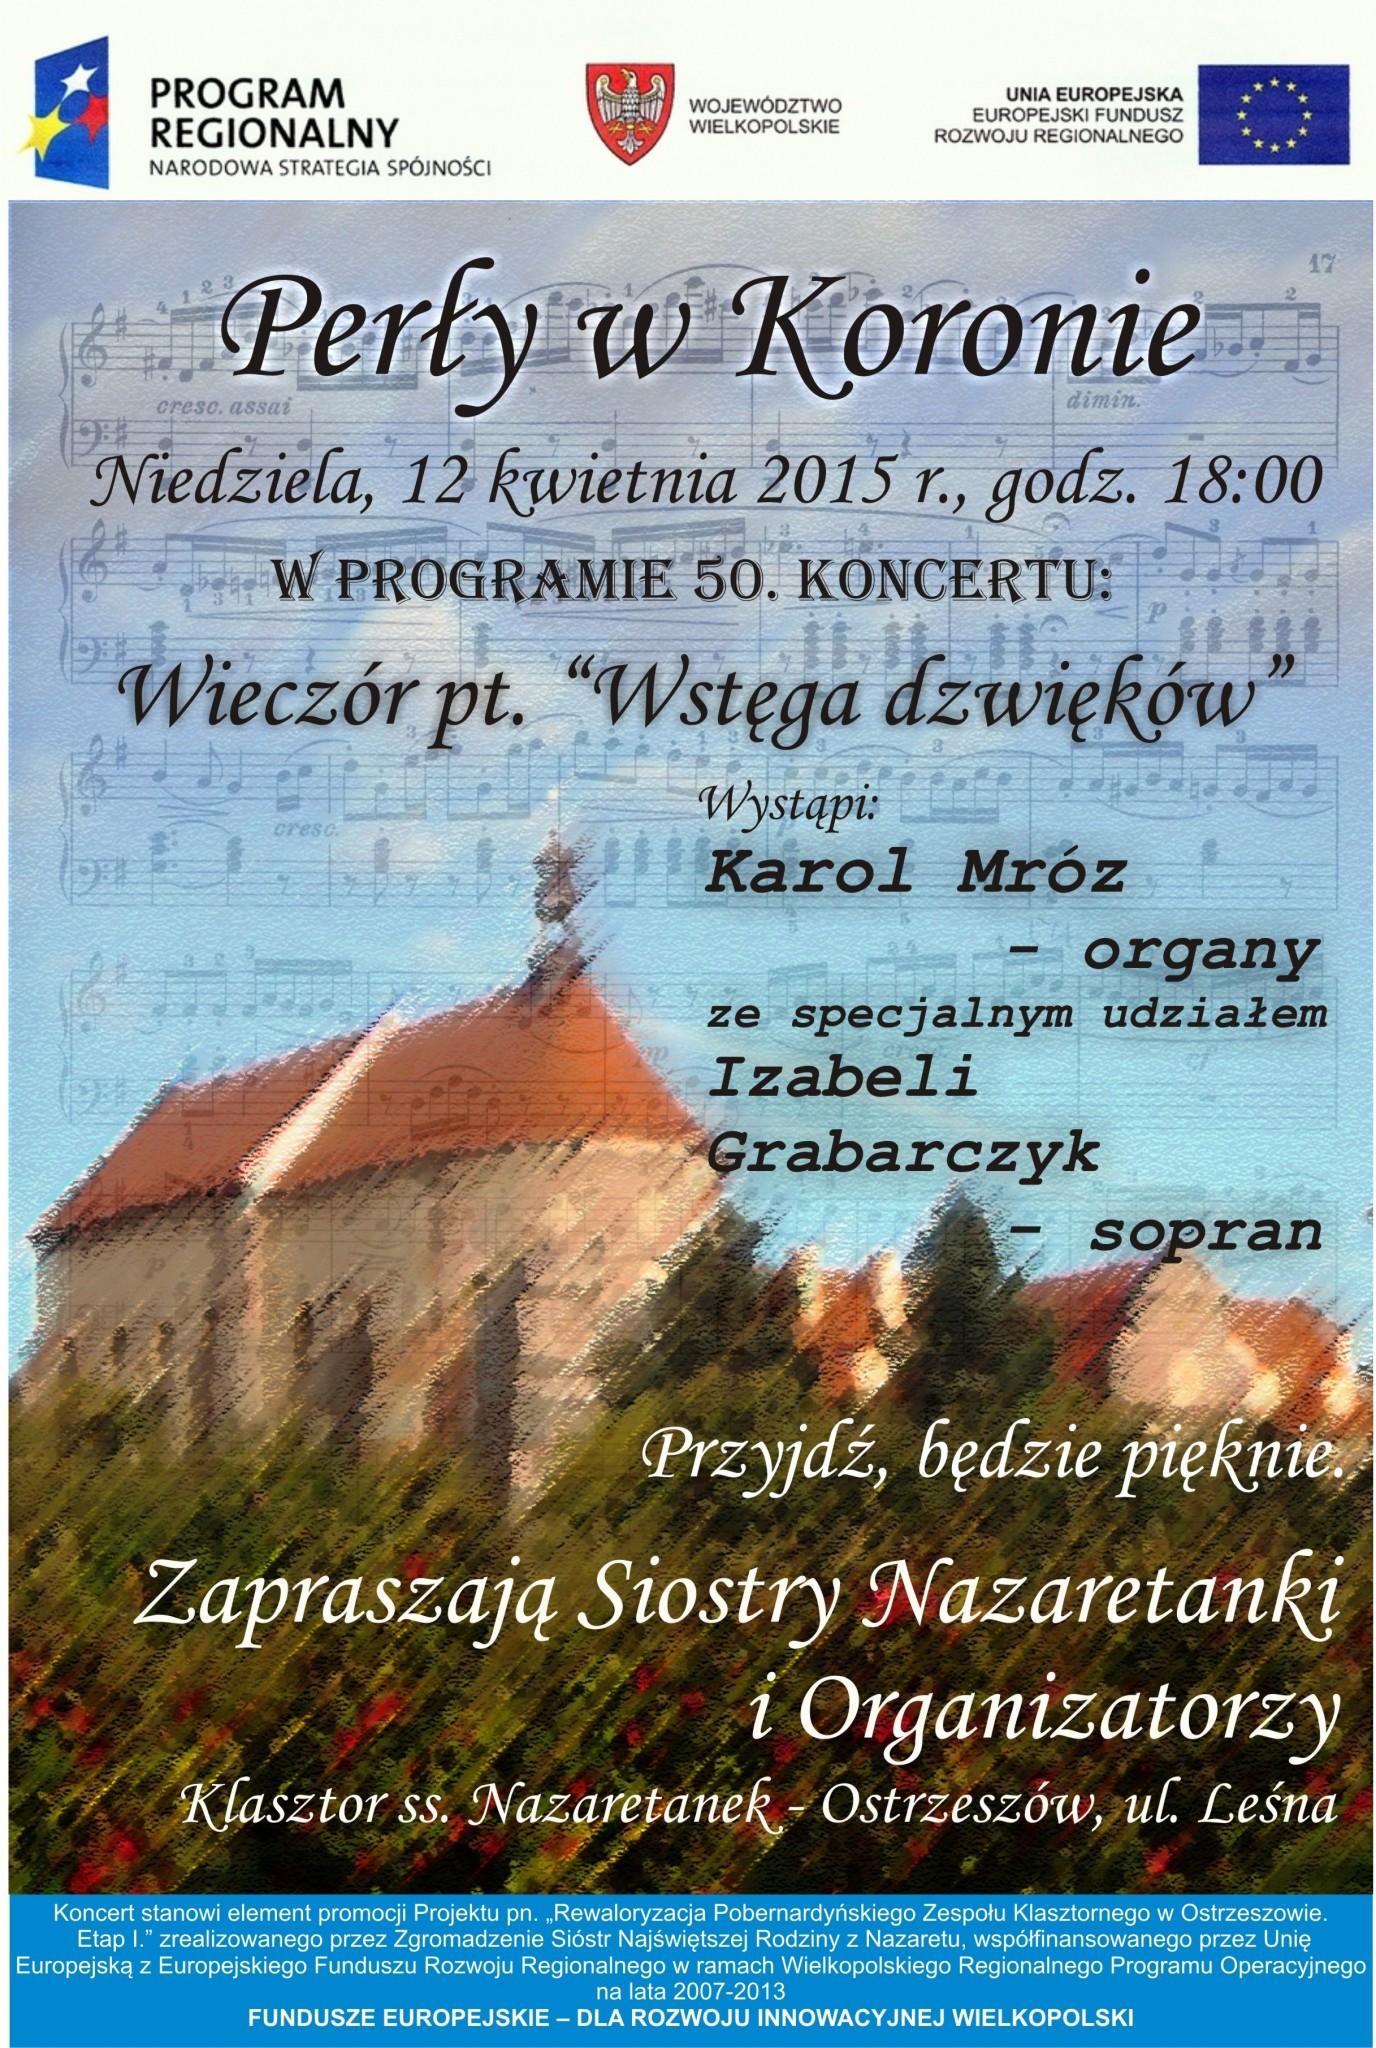 Zaproszenie Na Jubileuszowy Koncert Perły W Koronie 12 Kwietnia